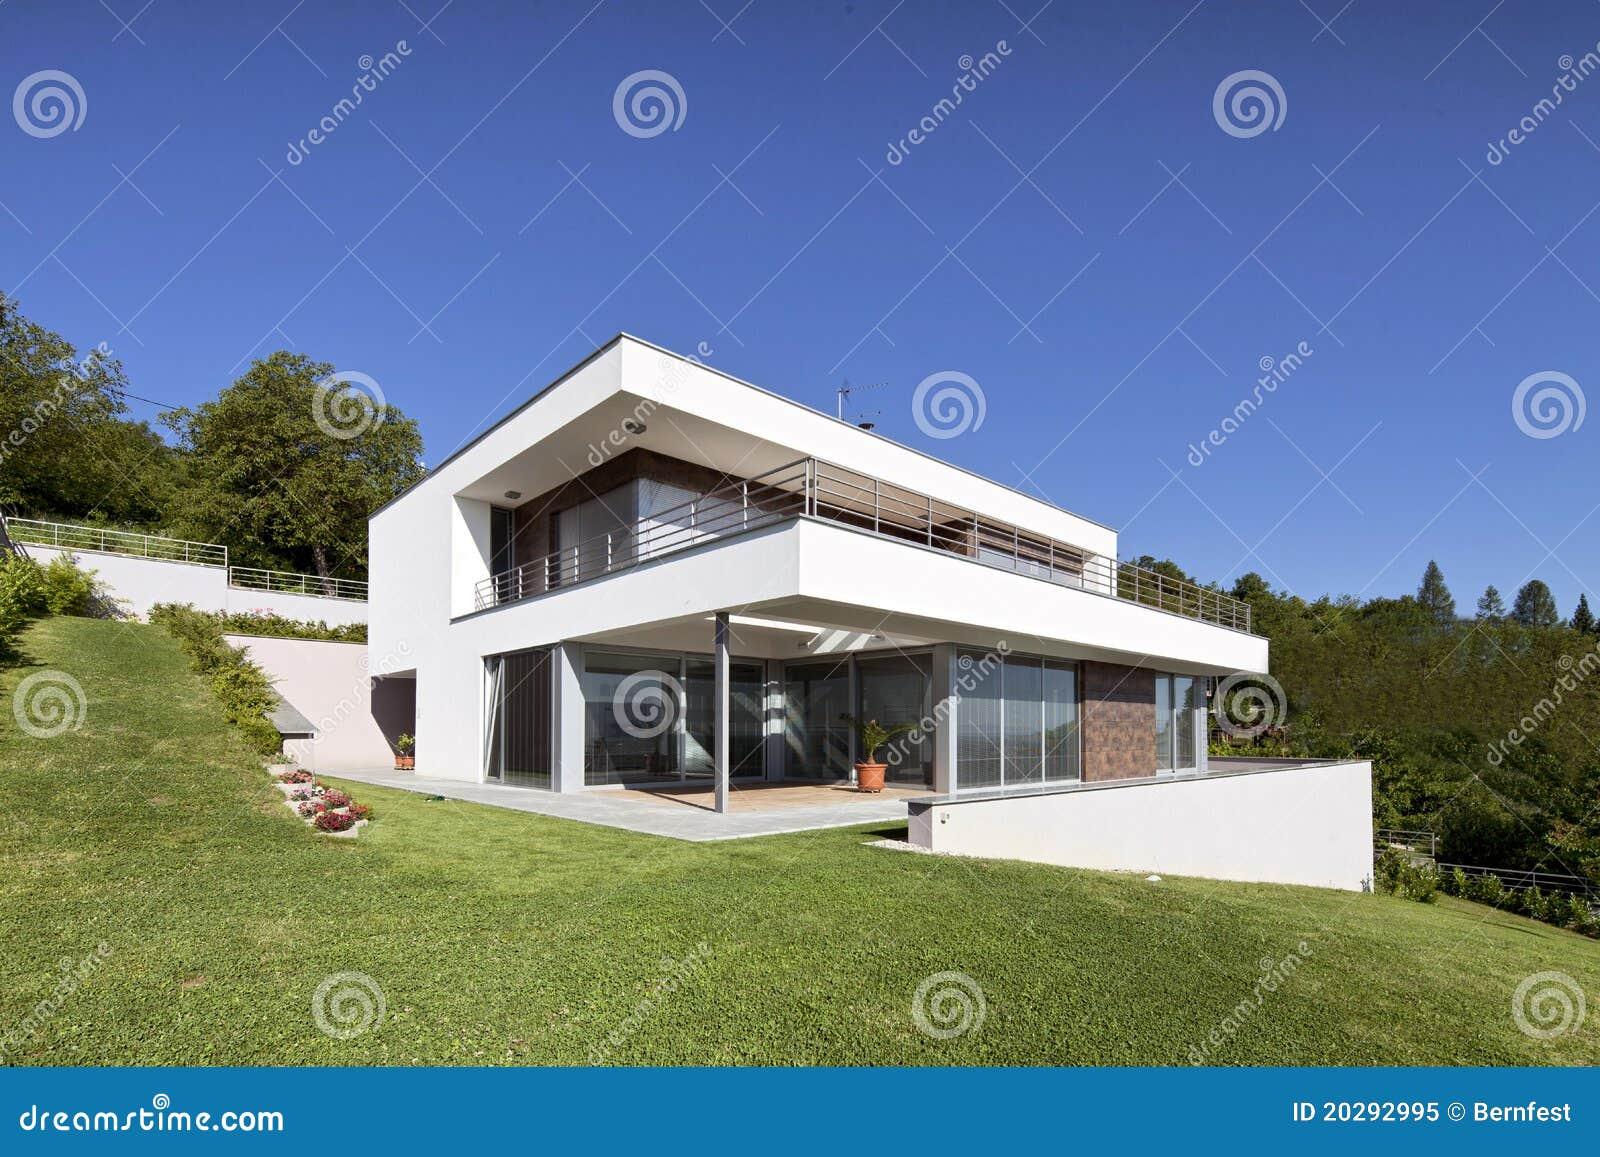 Sch nes modernes haus lizenzfreies stockfoto bild 20292995 for Modernes haus